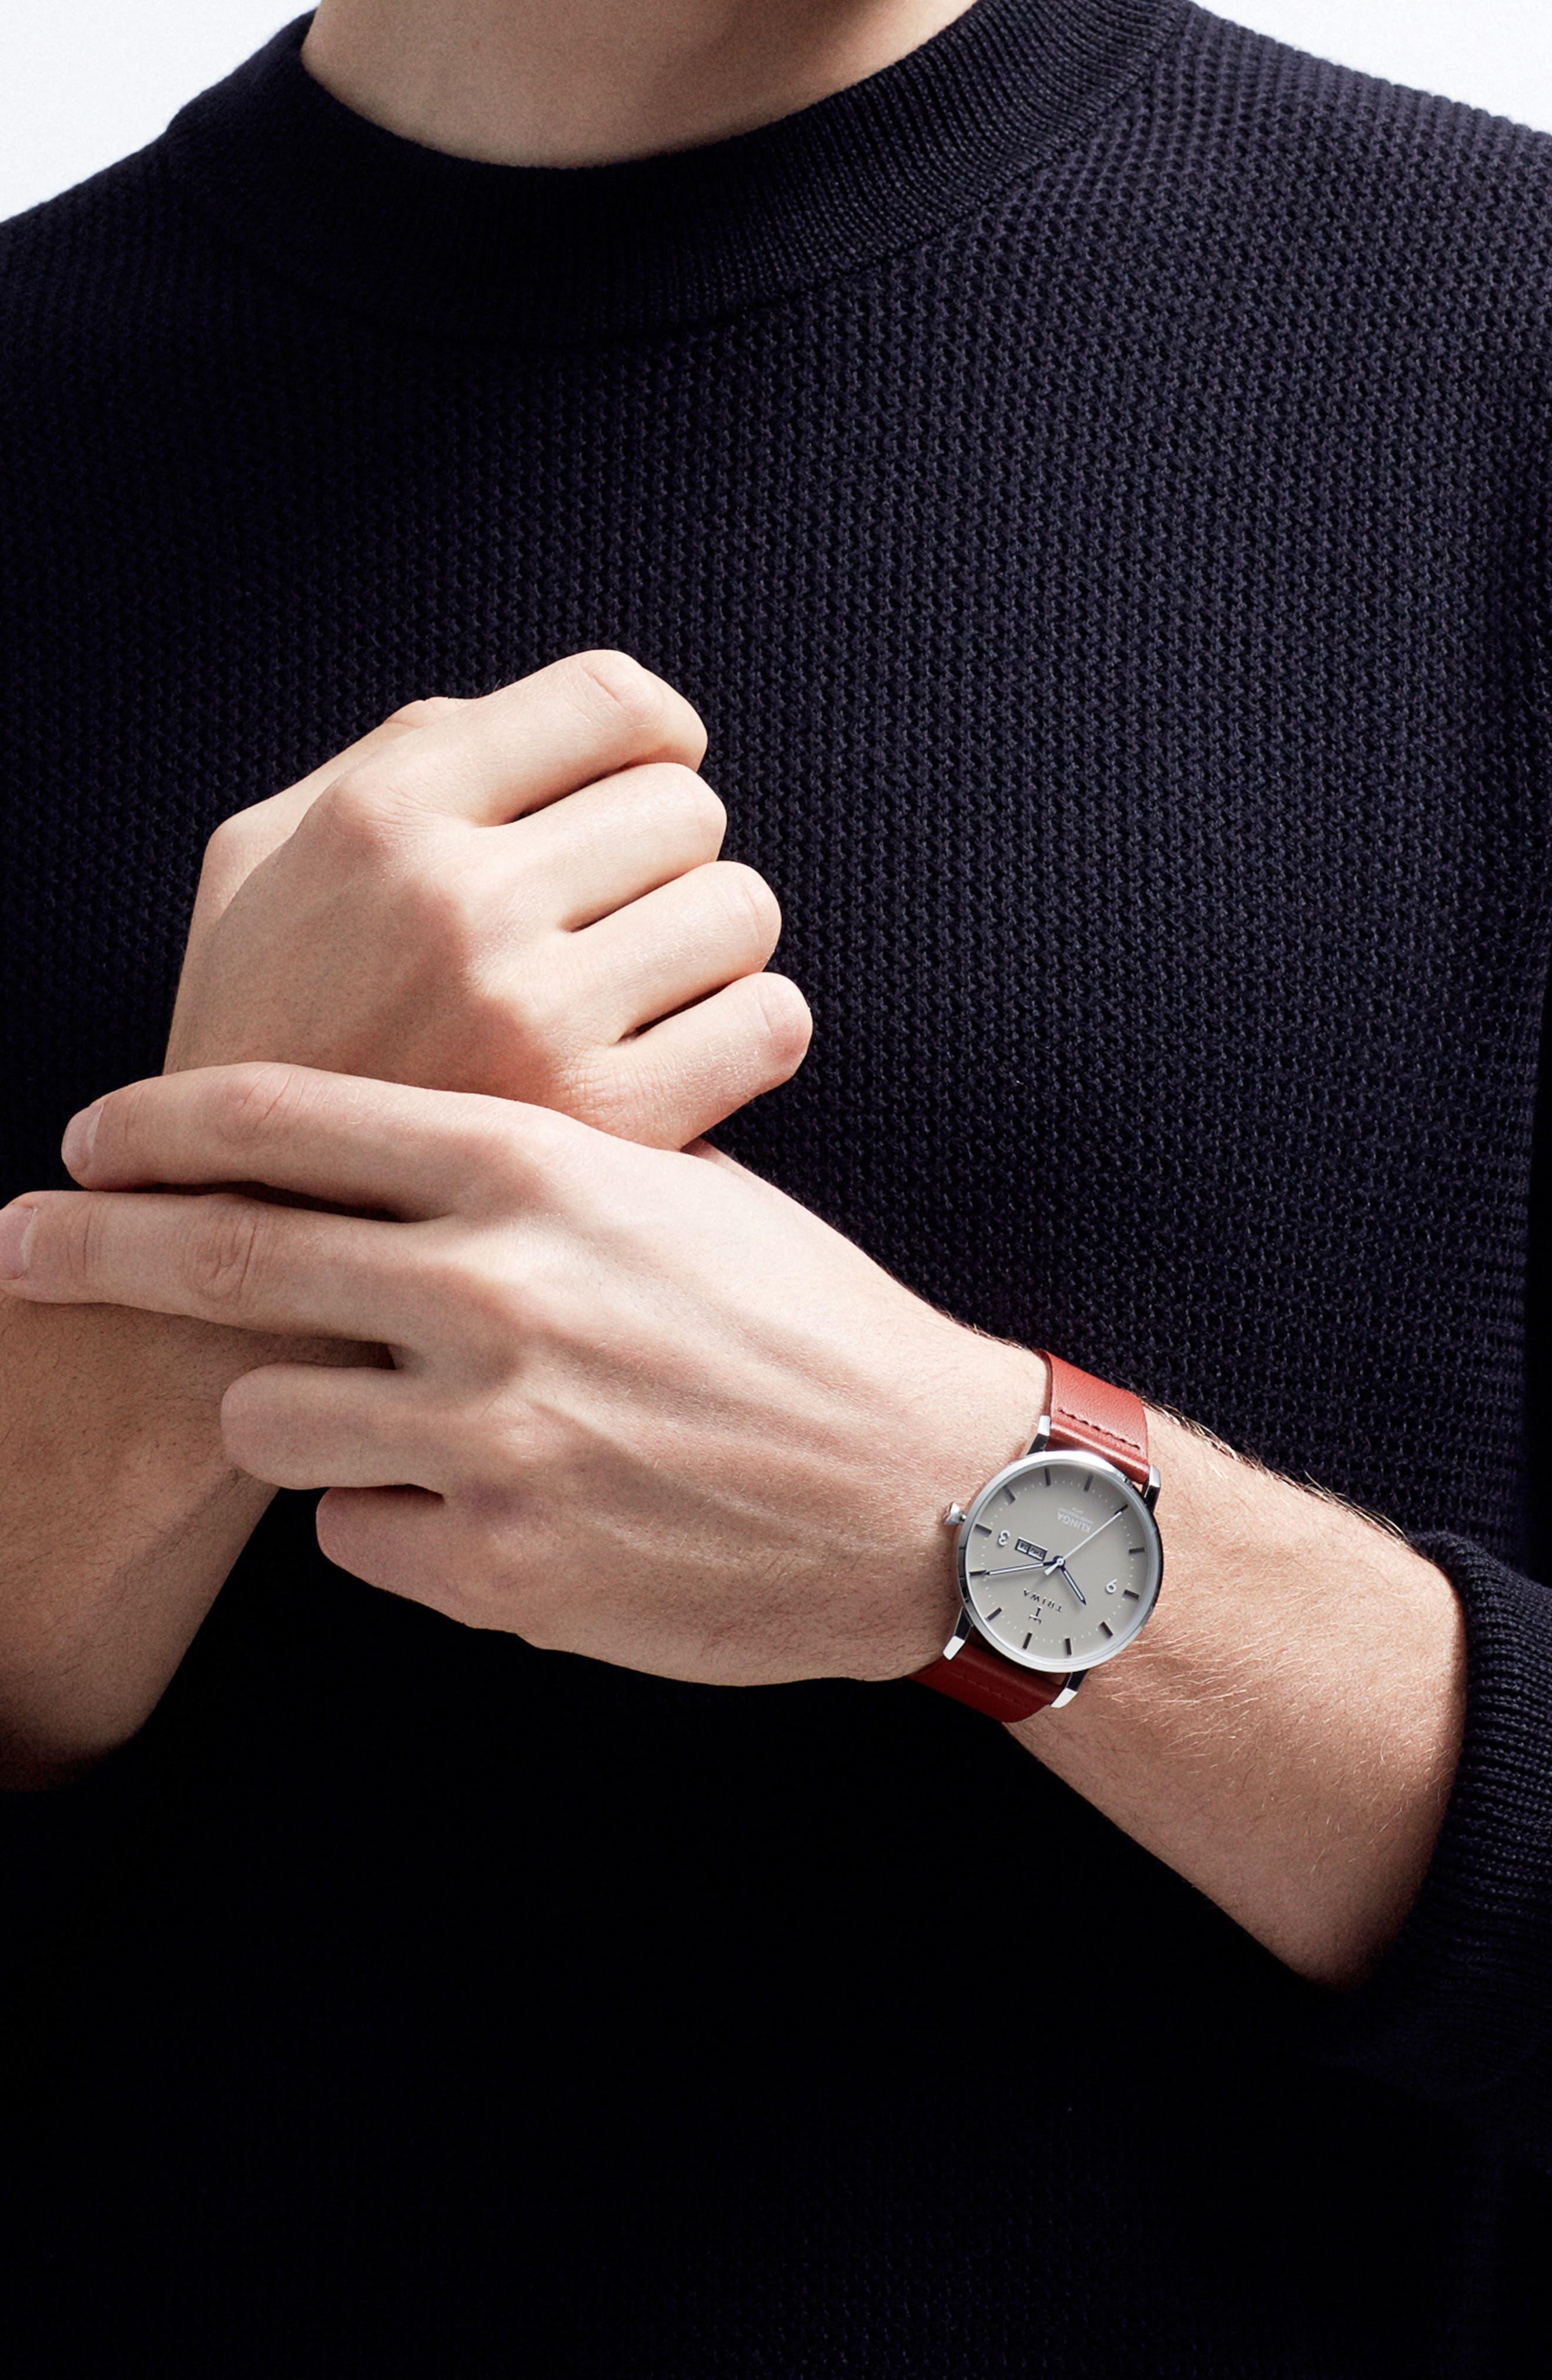 Mist Klinga Leather Strap Watch, 38mm,                             Alternate thumbnail 4, color,                             COGNAC/ SILVER